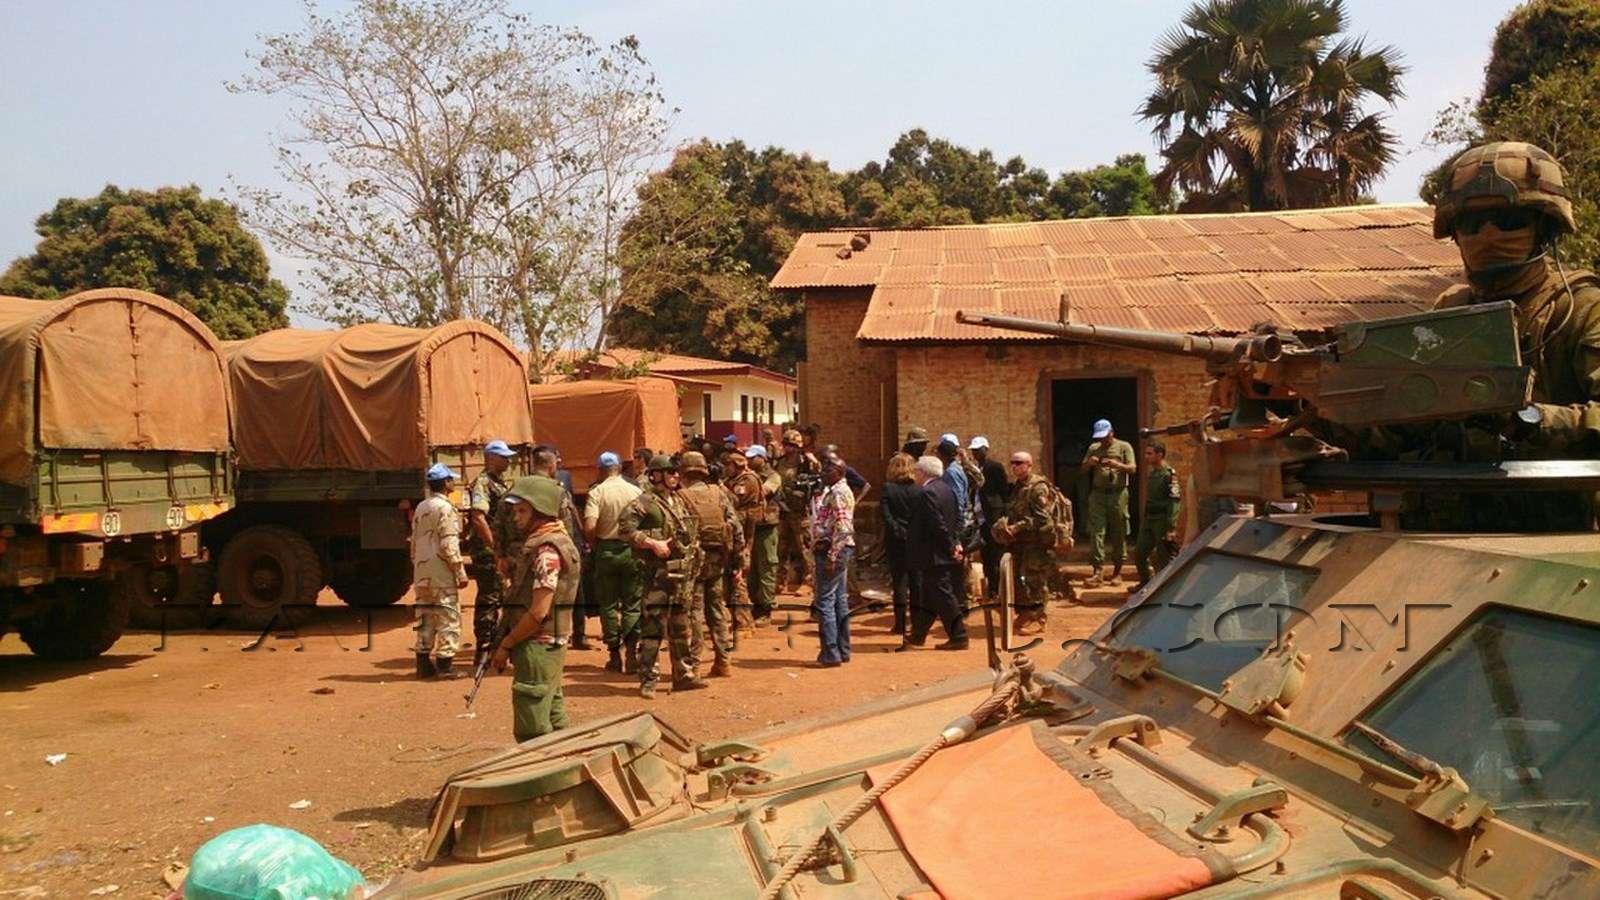 Maintien de la paix dans le monde - Les FAR en République Centrafricaine - RCA (MINUSCA) 710